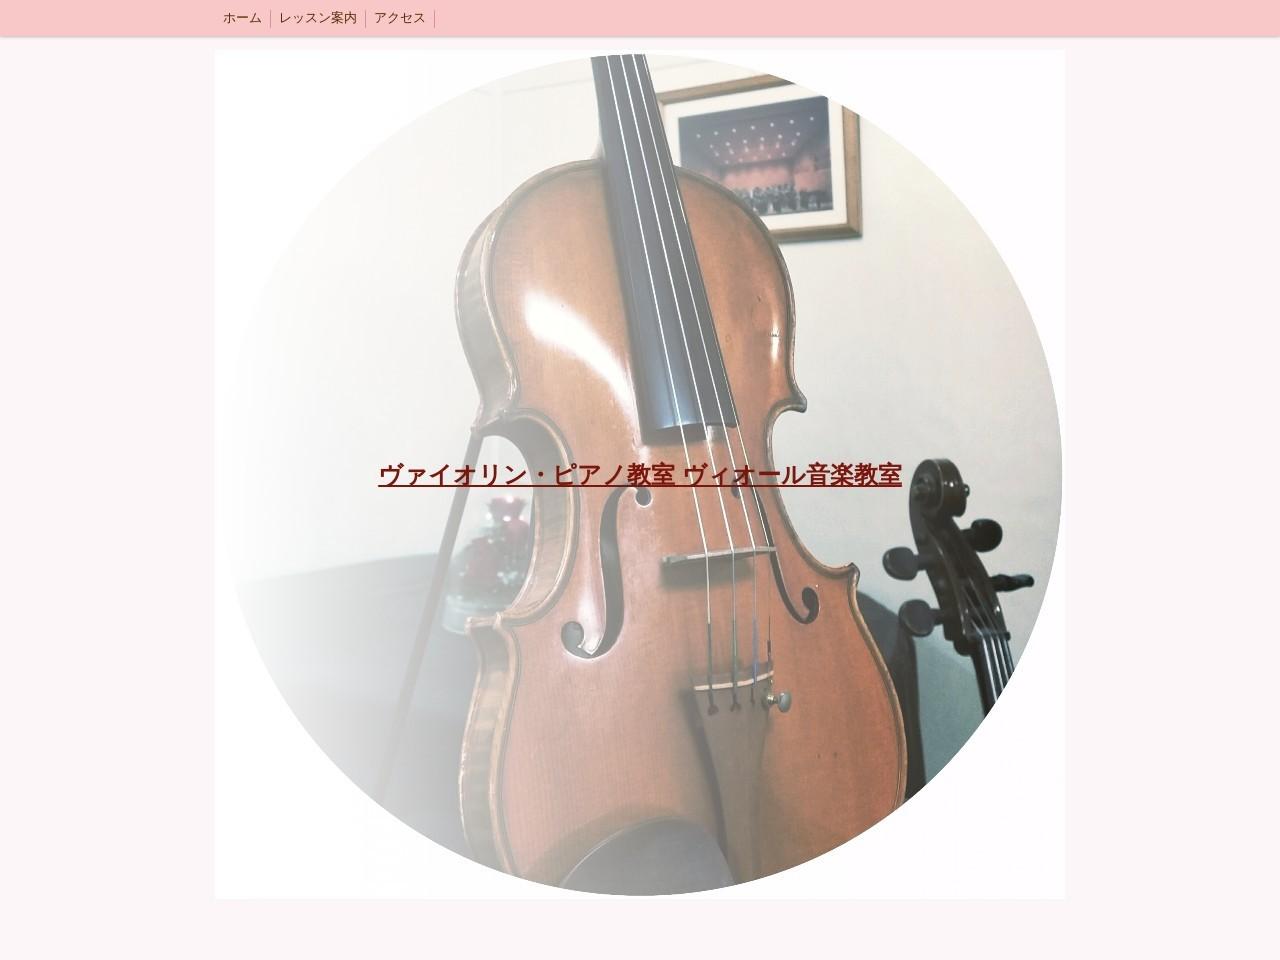 音楽教室 VioL(ヴィオール)のサムネイル